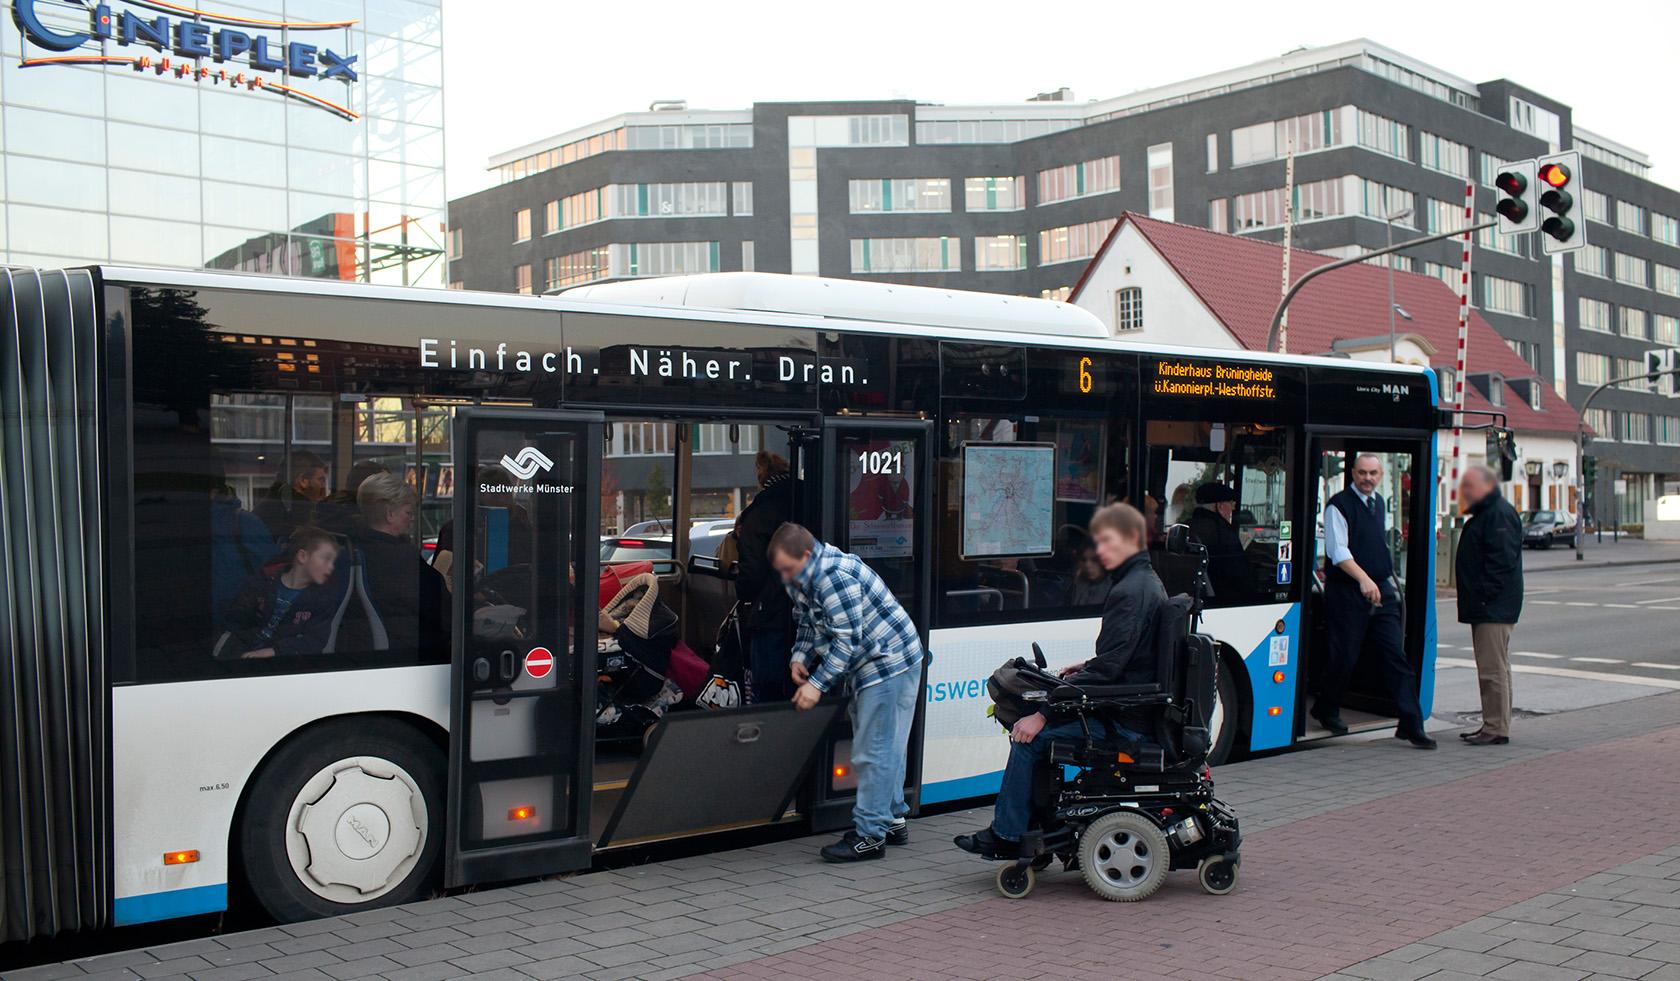 Pornodreh Im Linienbus